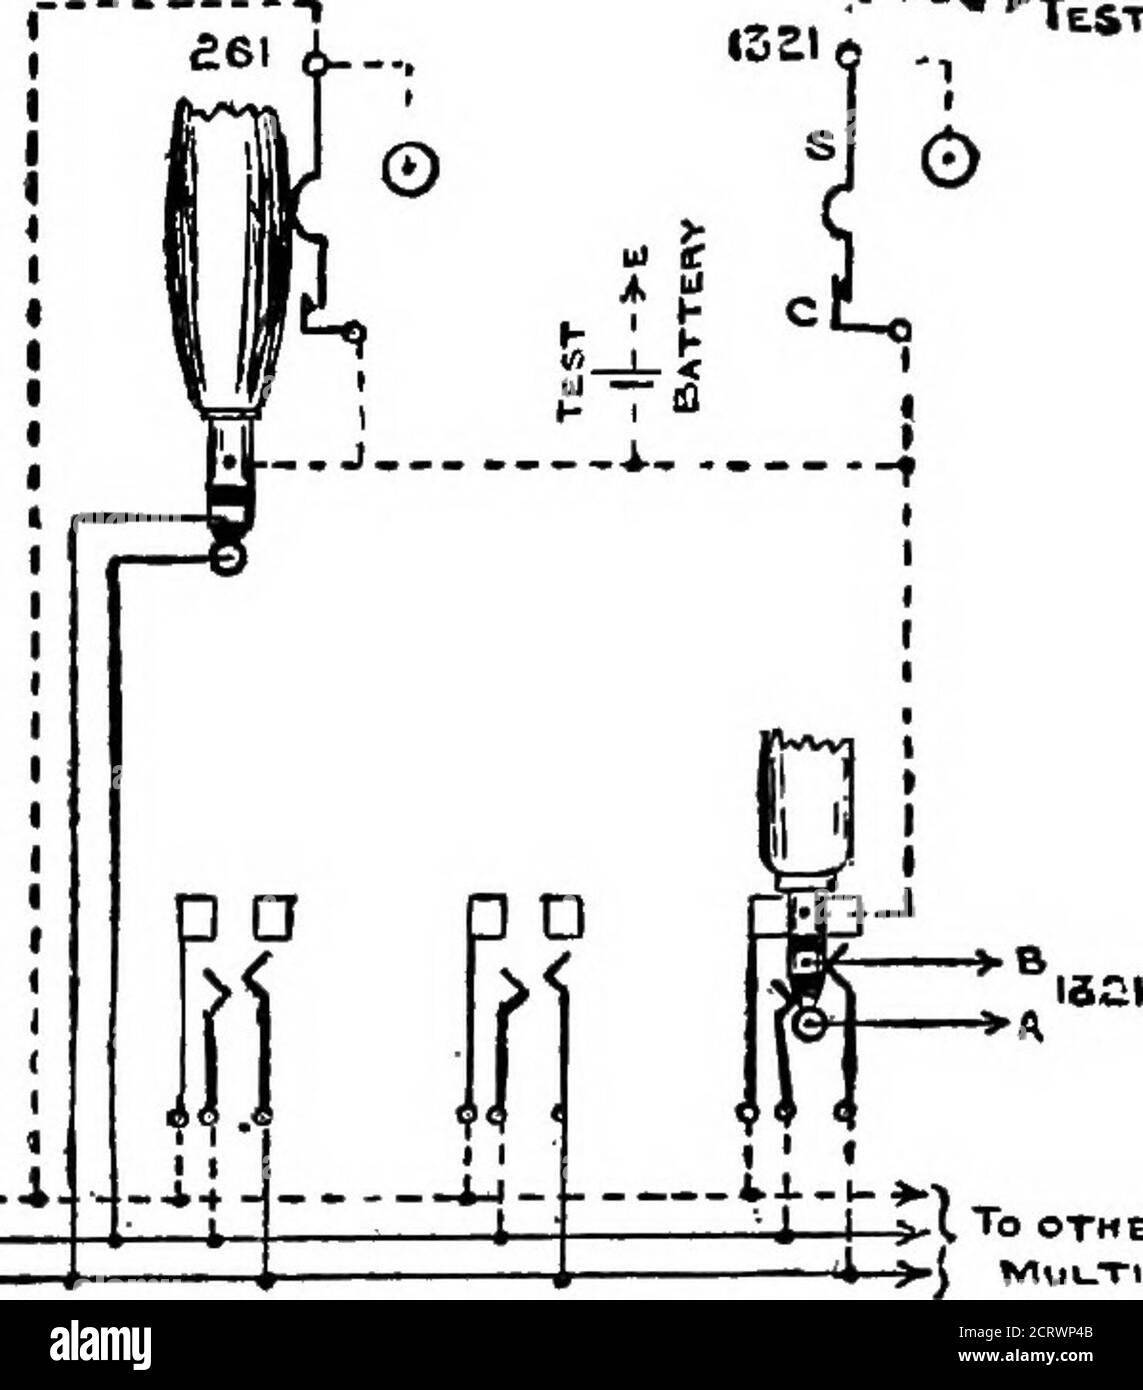 . El sistema telefónico de la oficina de correos británica. Un manual práctico . p de interruptor-muellesin molestar a los operarios. Una bomba conectada a un embudo es usedpara extraer el polvo de los interruptores-resortes por succión, y a un gran extensientesto consigue sobre el diflBculty. Sin embargo, la cuestión de la deseabilidadde las tablas planas es una que el tiempo por sí solo puede resolver, pero puede ser mentionedque el Ingeniero Jefe de la Compañía telefónica Nacional, el Sr. Dane el sistema telefónico de la Oficina de correos británica. 175 CAPÍTULO XXIX el sistema de cable de llamada. El sistema de cable de llamada consiste en dar a cada suscriptor, Foto de stock